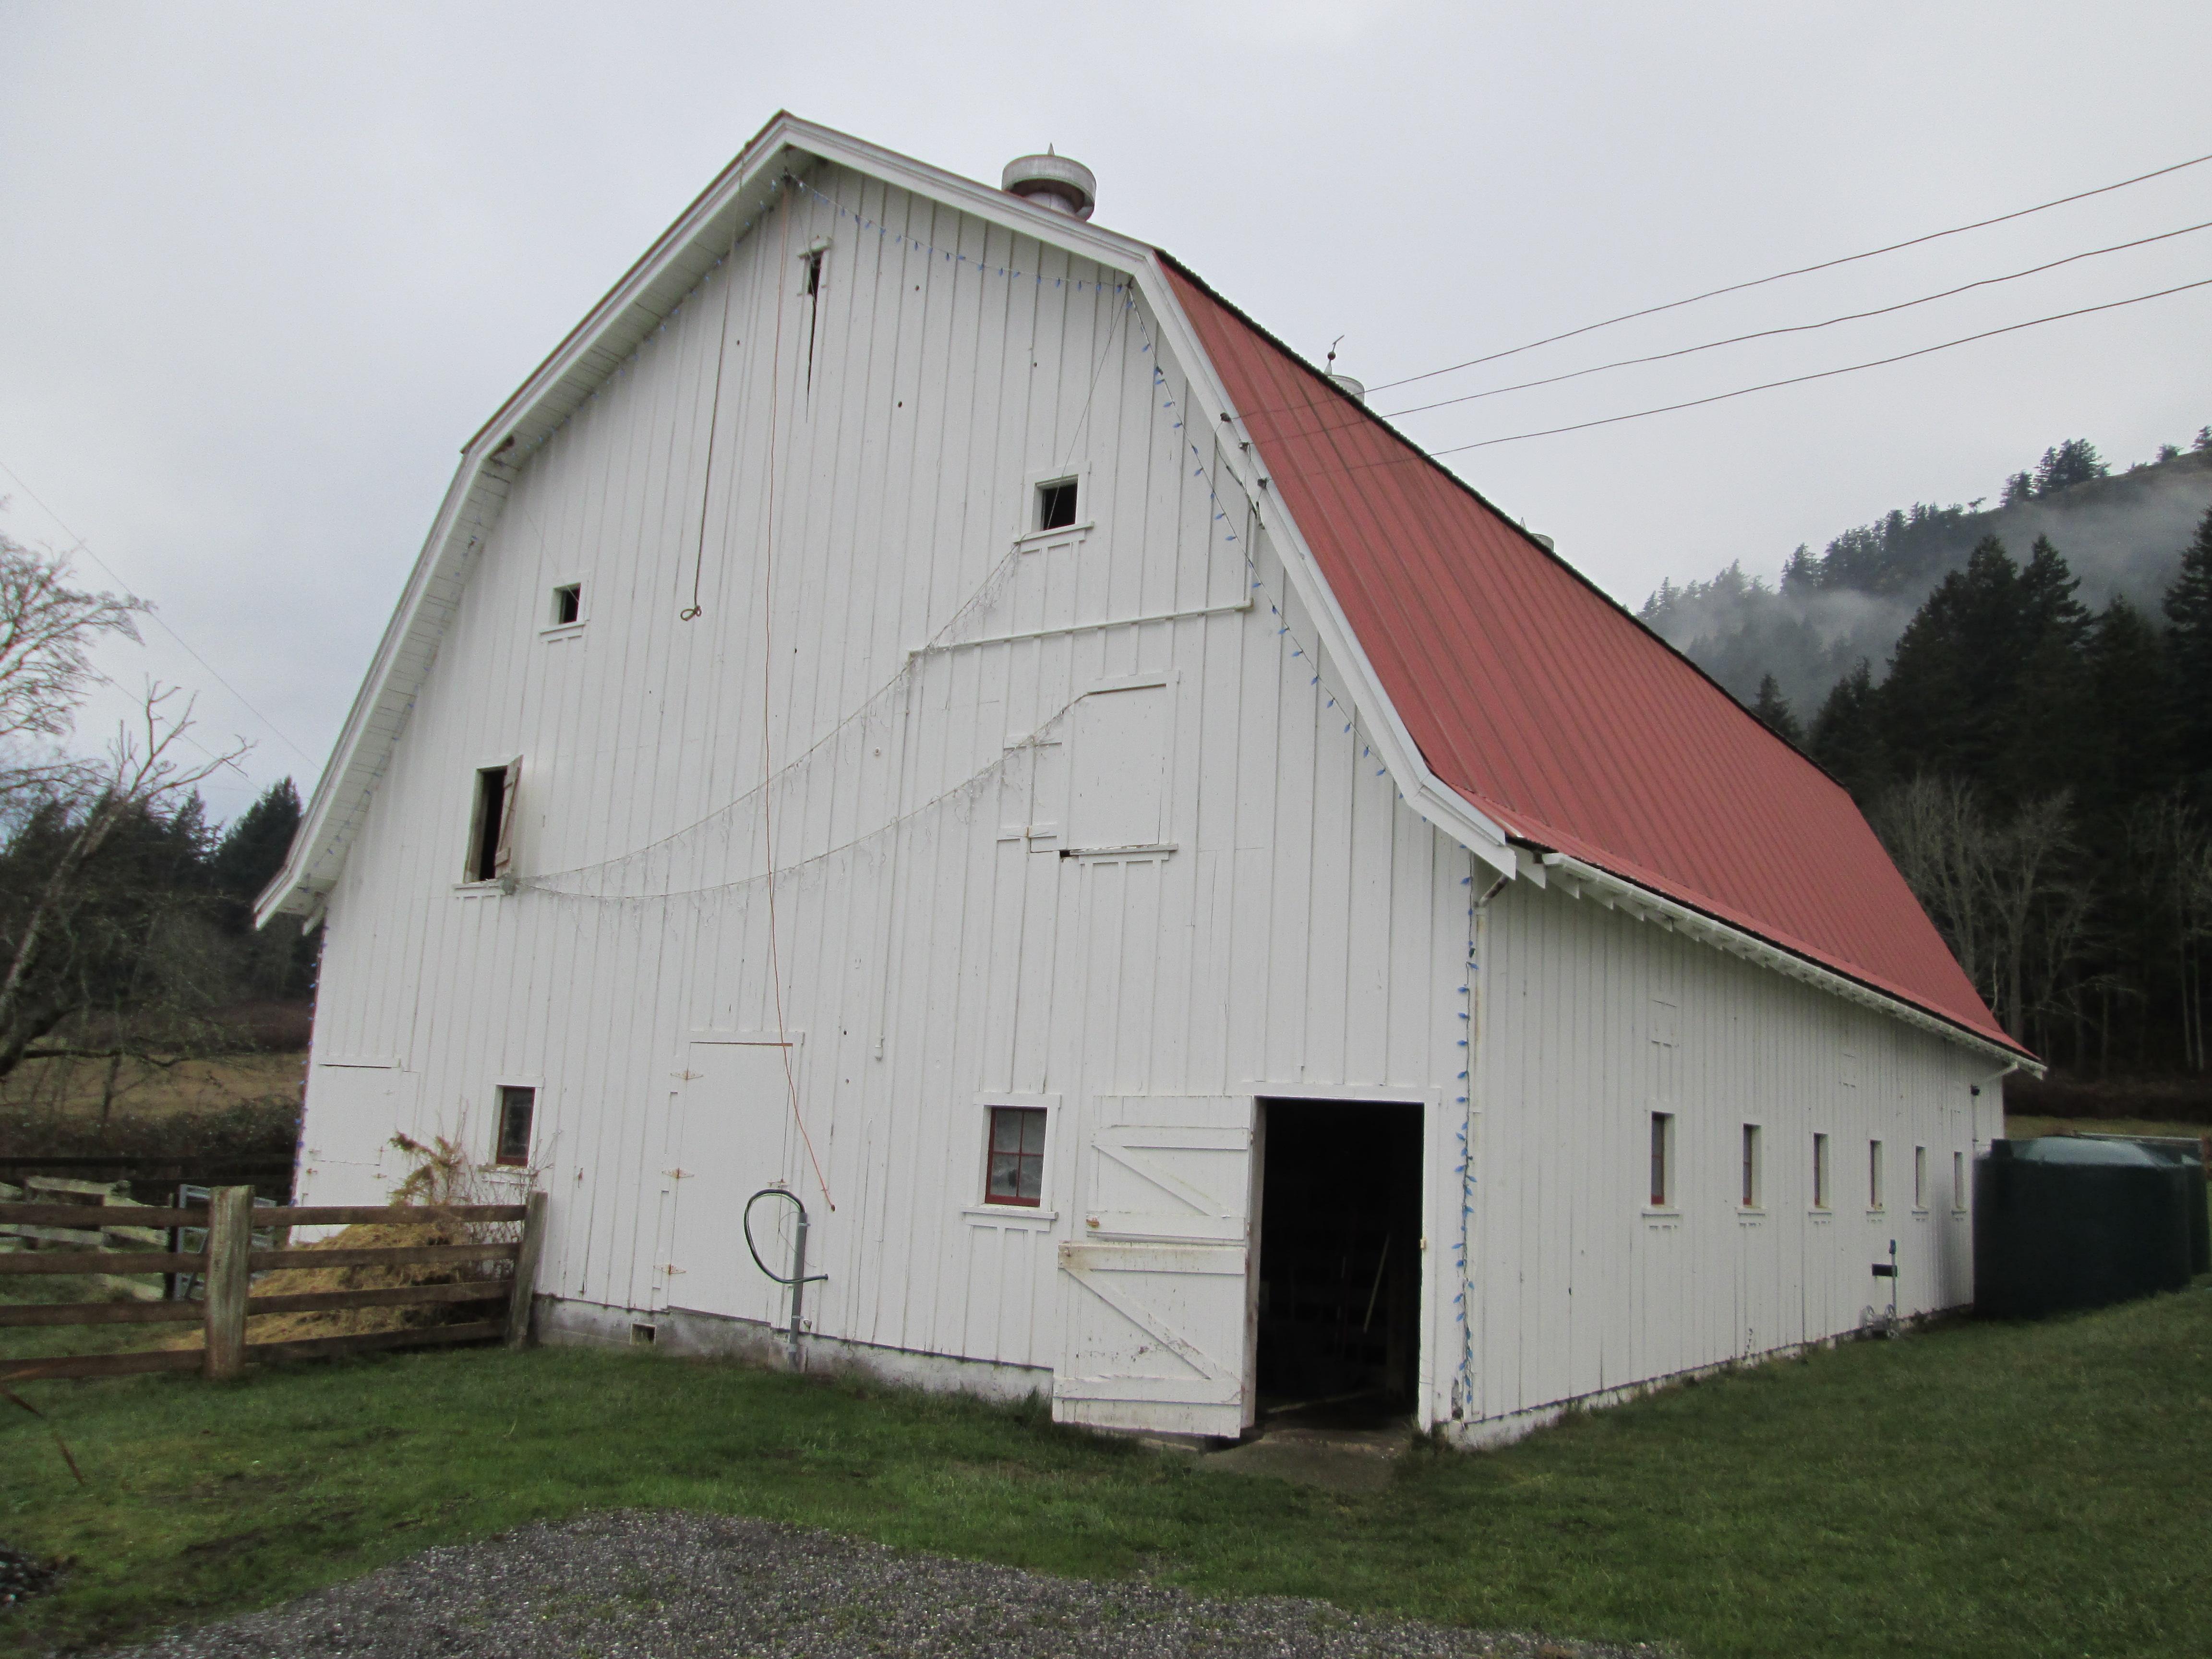 Gambrel Historic Barns Of The San Juan Islands